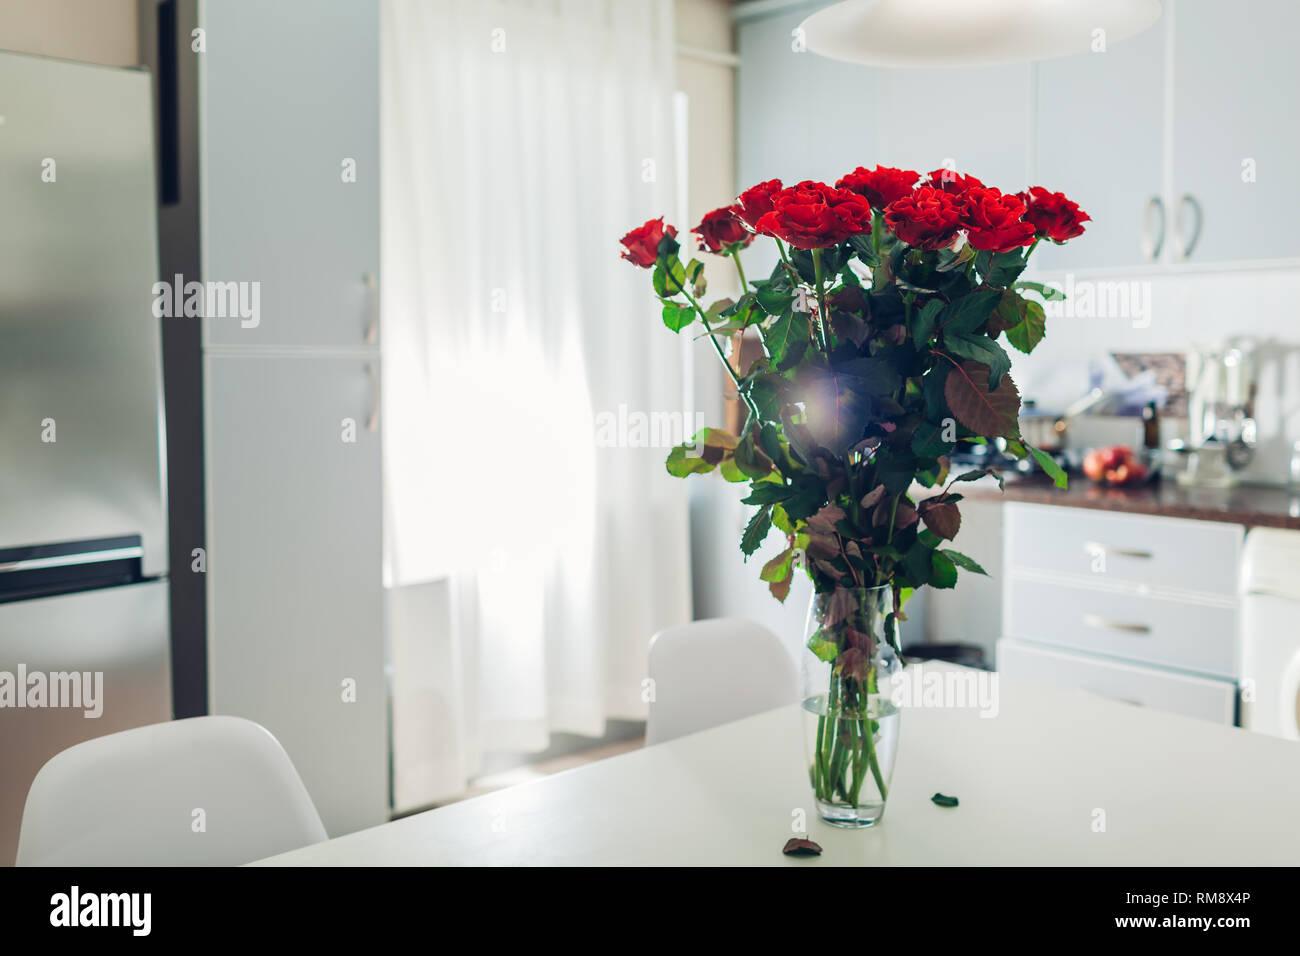 Bouquet di rose rosse a sinistra sulla cucina. Sorpresa per ...